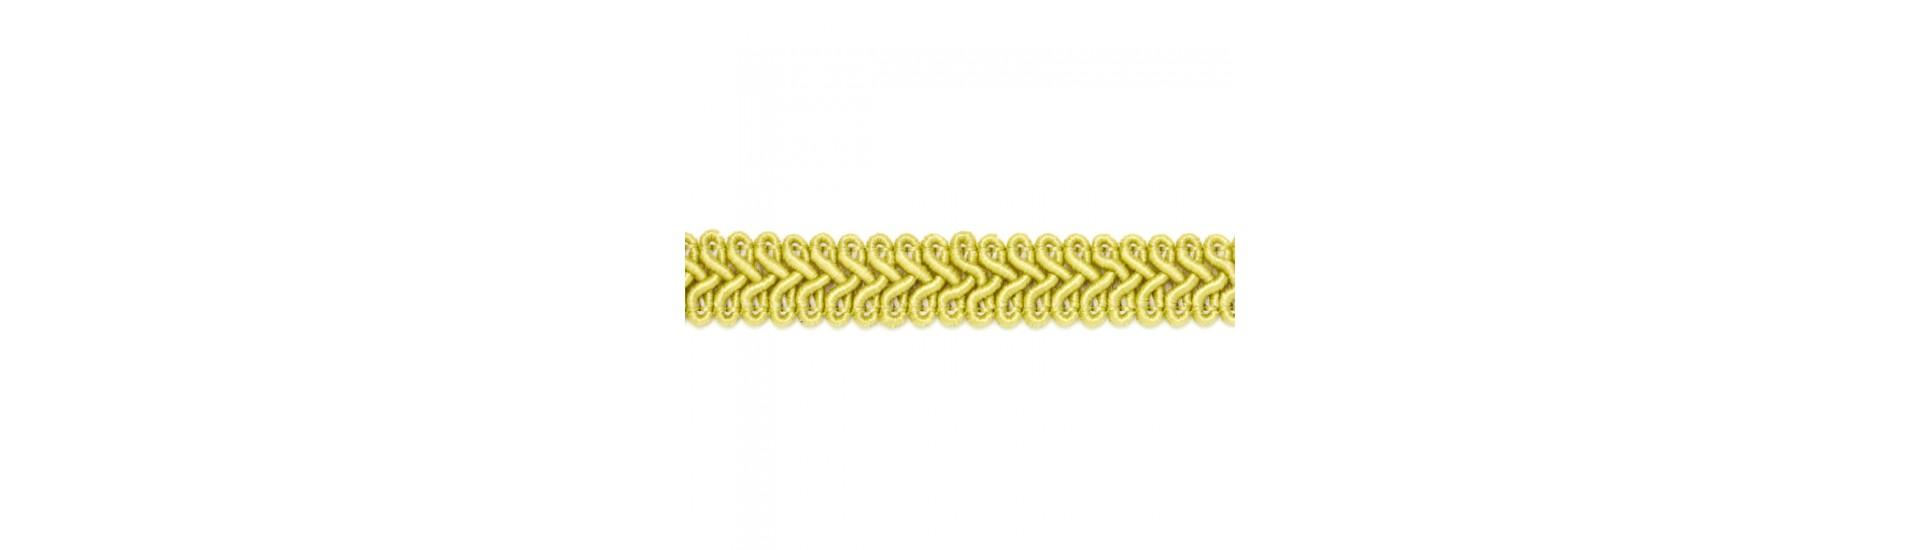 Сутаж отделочный SR009 золото (50 м)